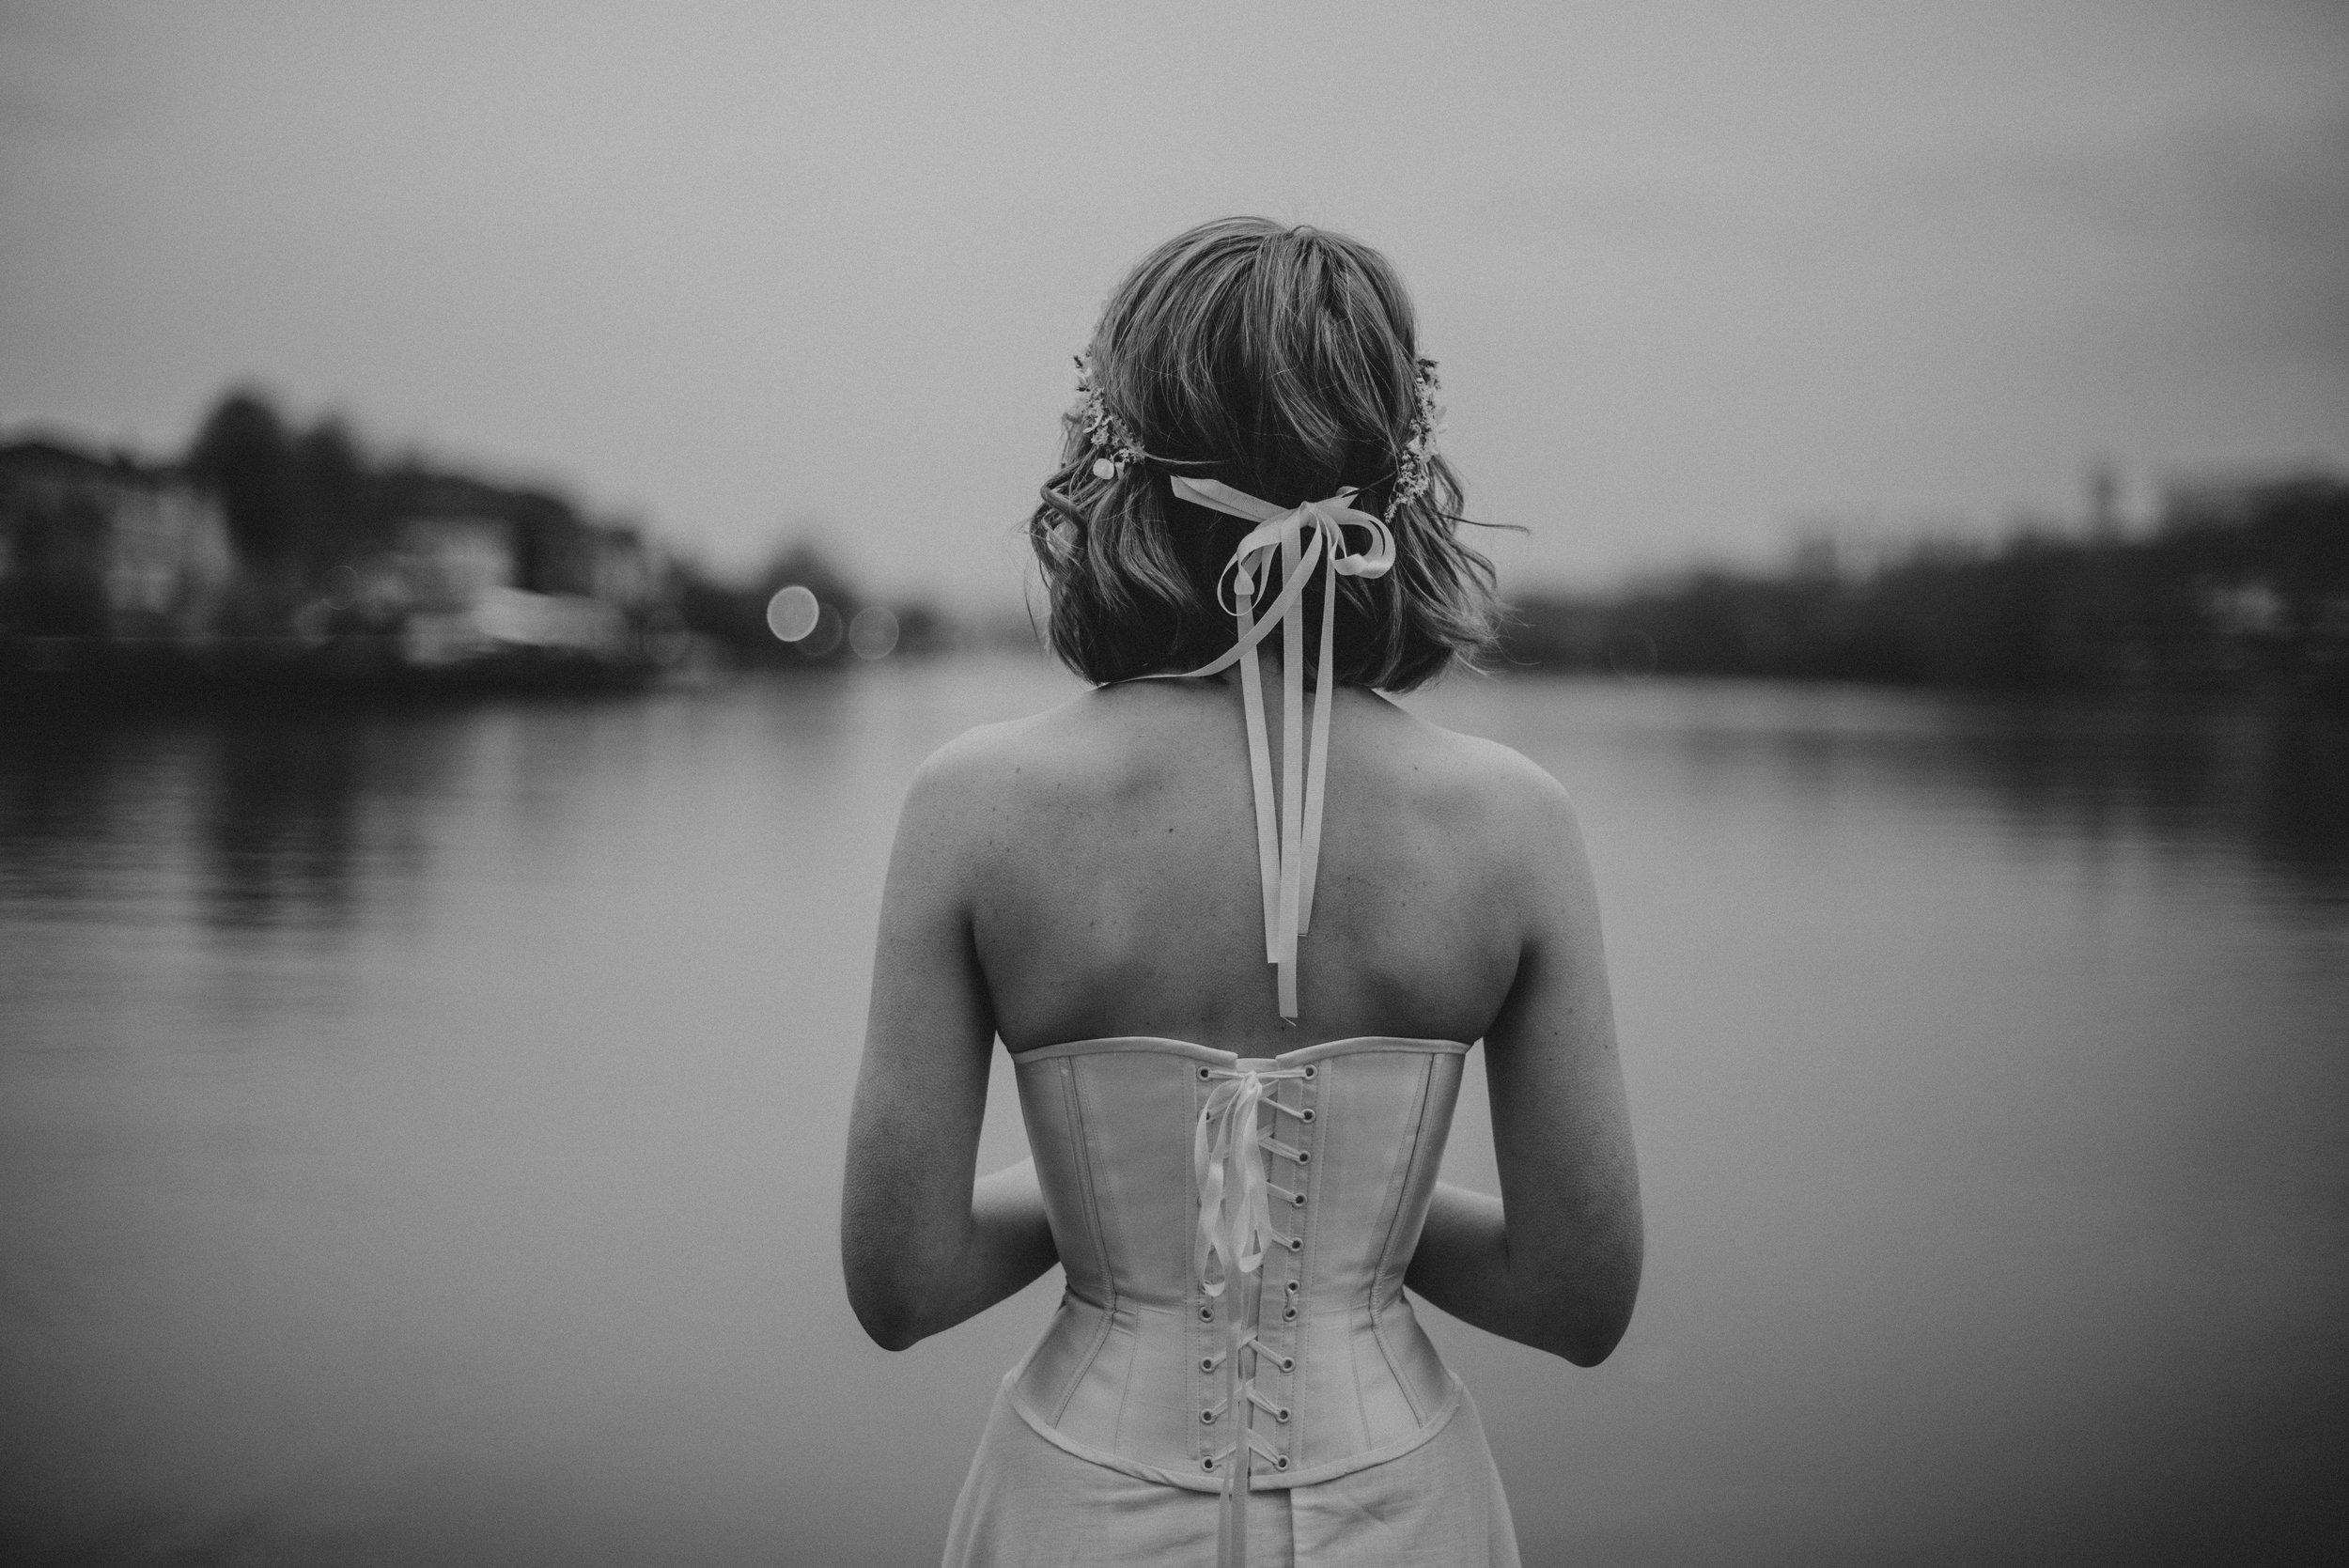 Léa-Fery-photographe-professionnel-lyon-rhone-alpes-portrait-creation-mariage-evenement-evenementiel-famille-6395-2.jpg